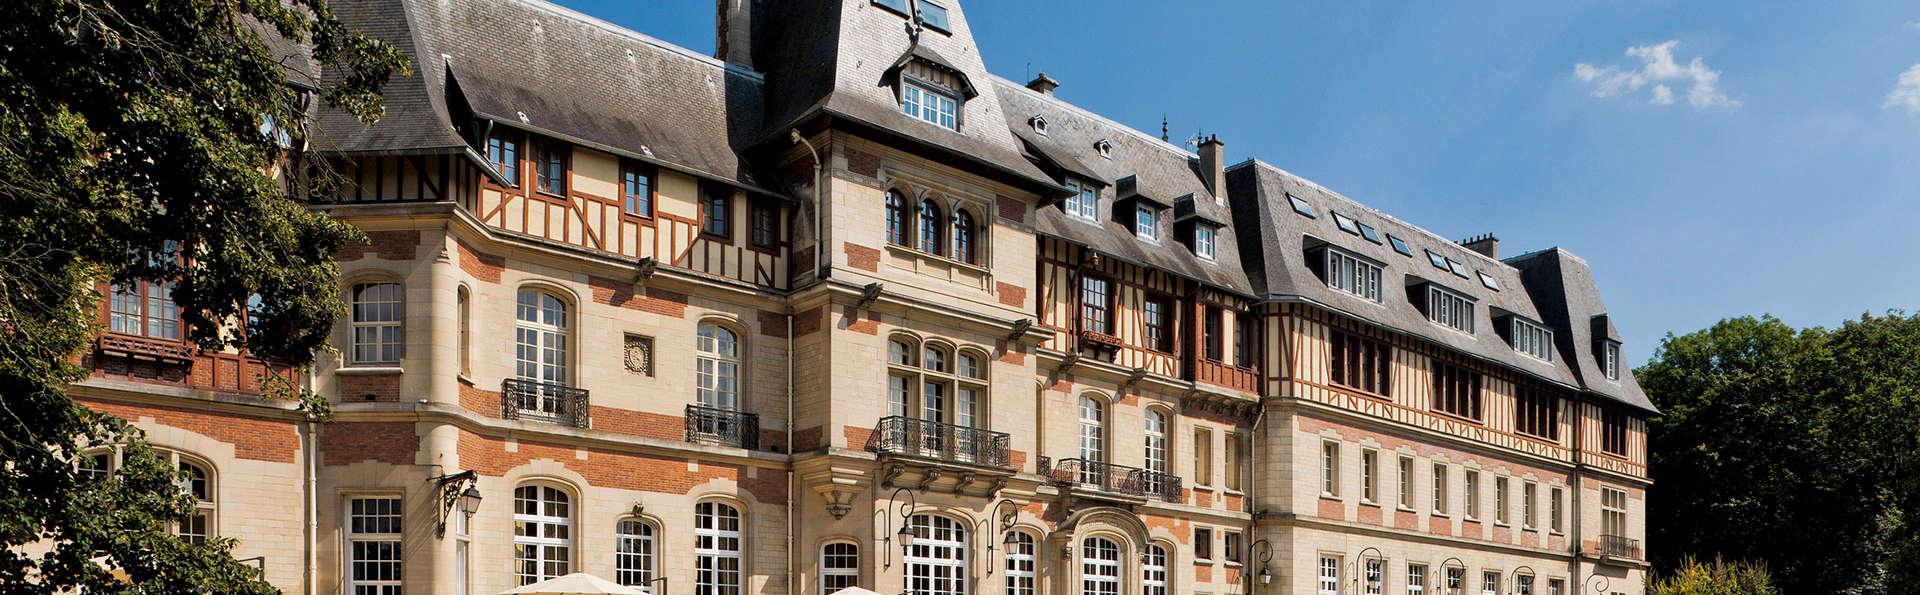 Château de Montvillargenne  - EDIT_NEW_Vue_exterieure_2.jpg